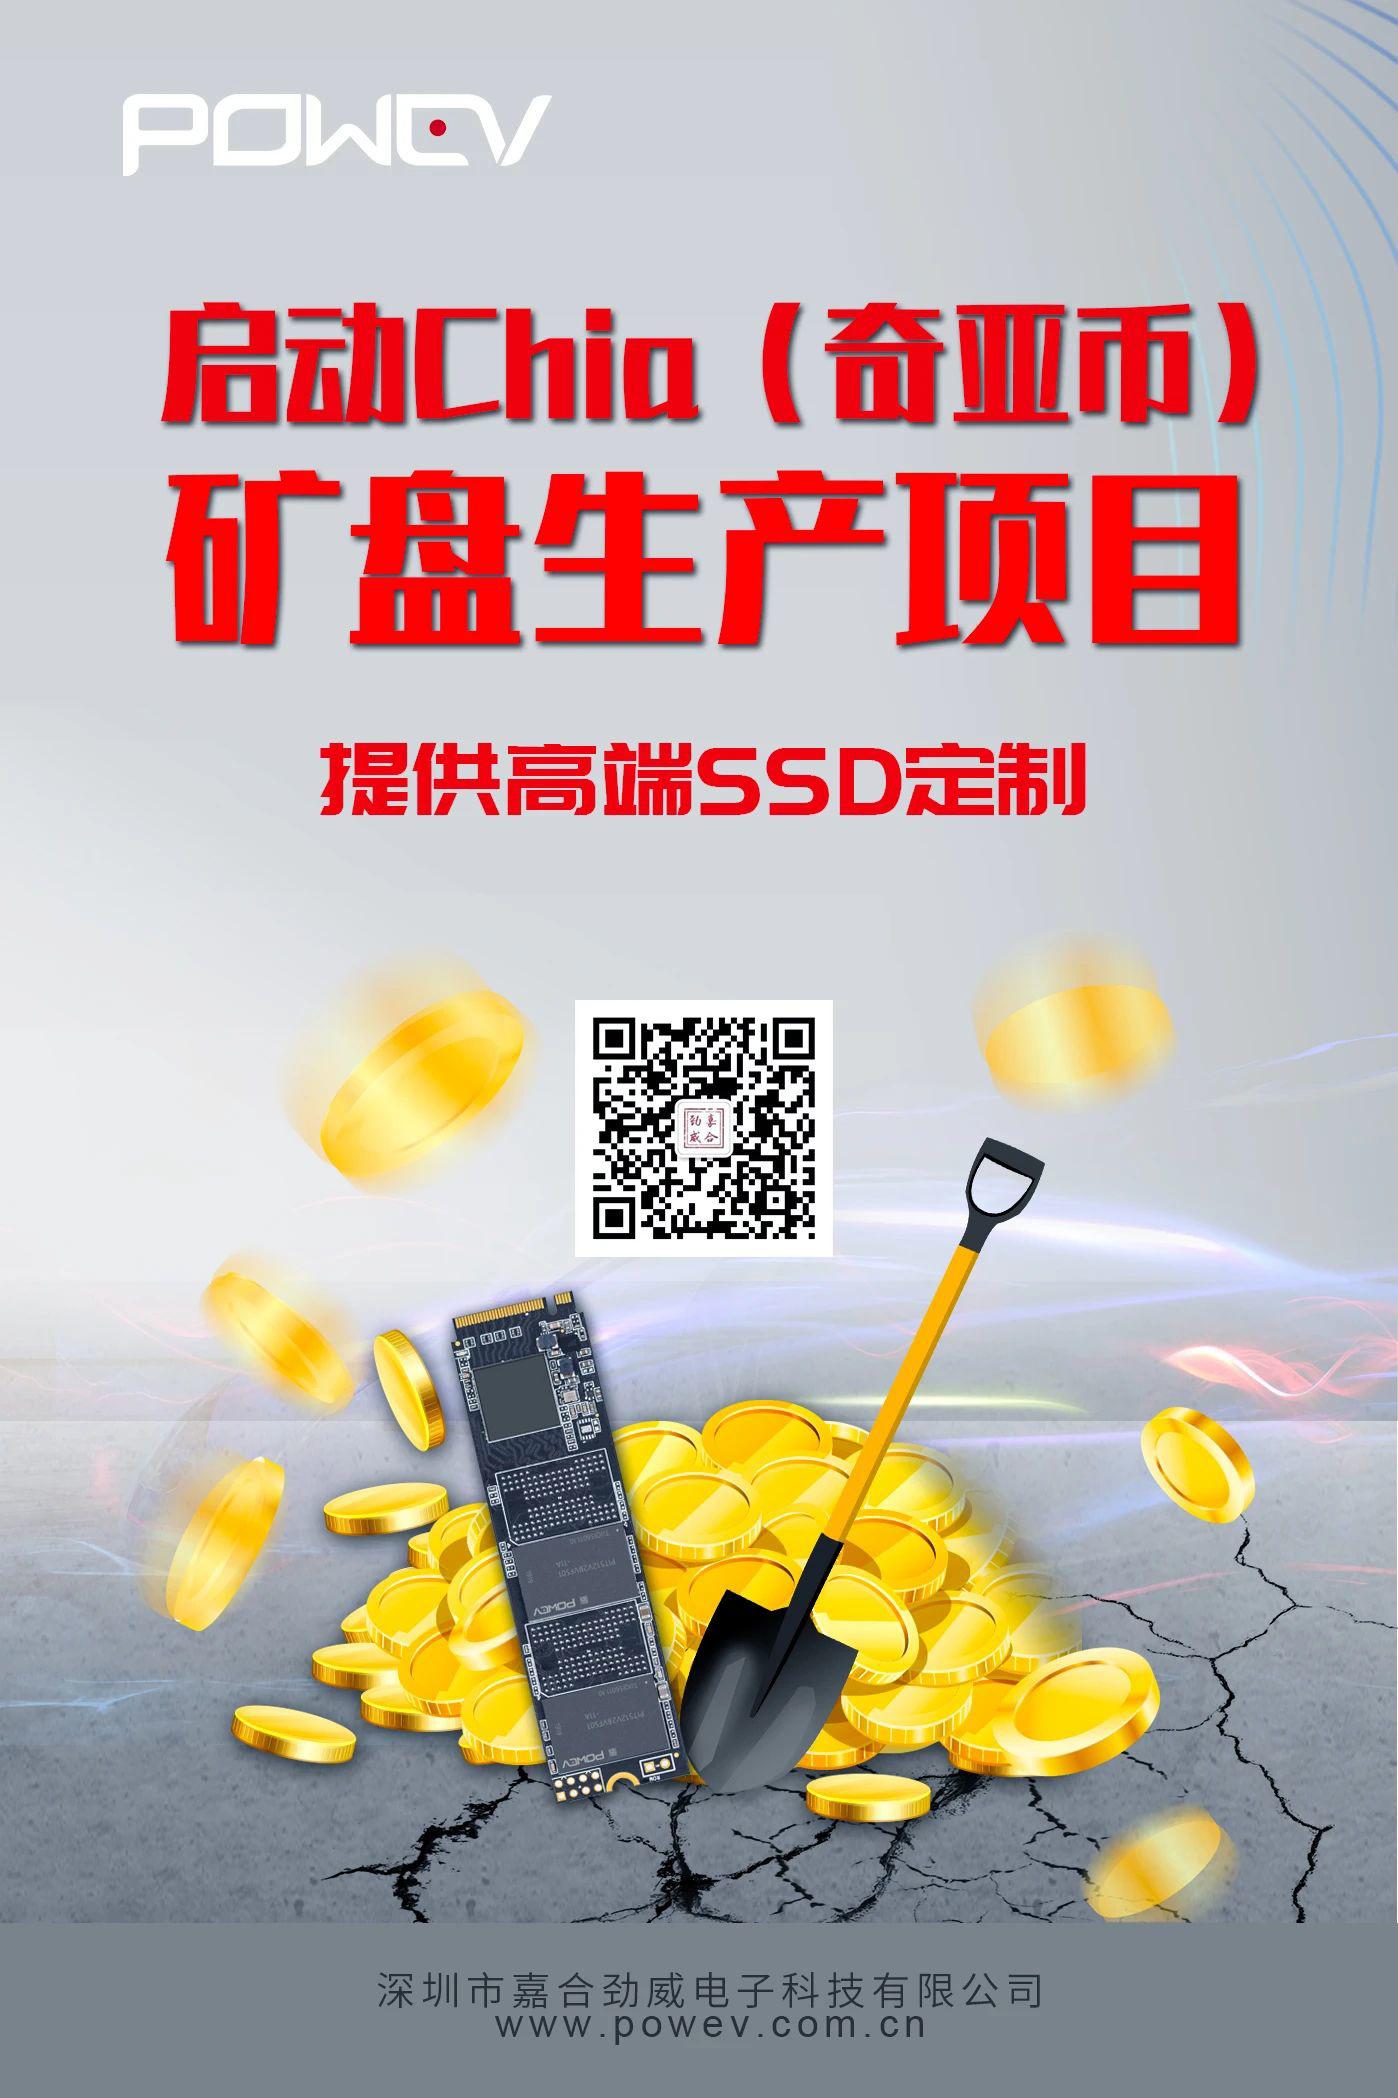 В Китае запущено производство SSD для майнинга криптовалюты Chia Coin